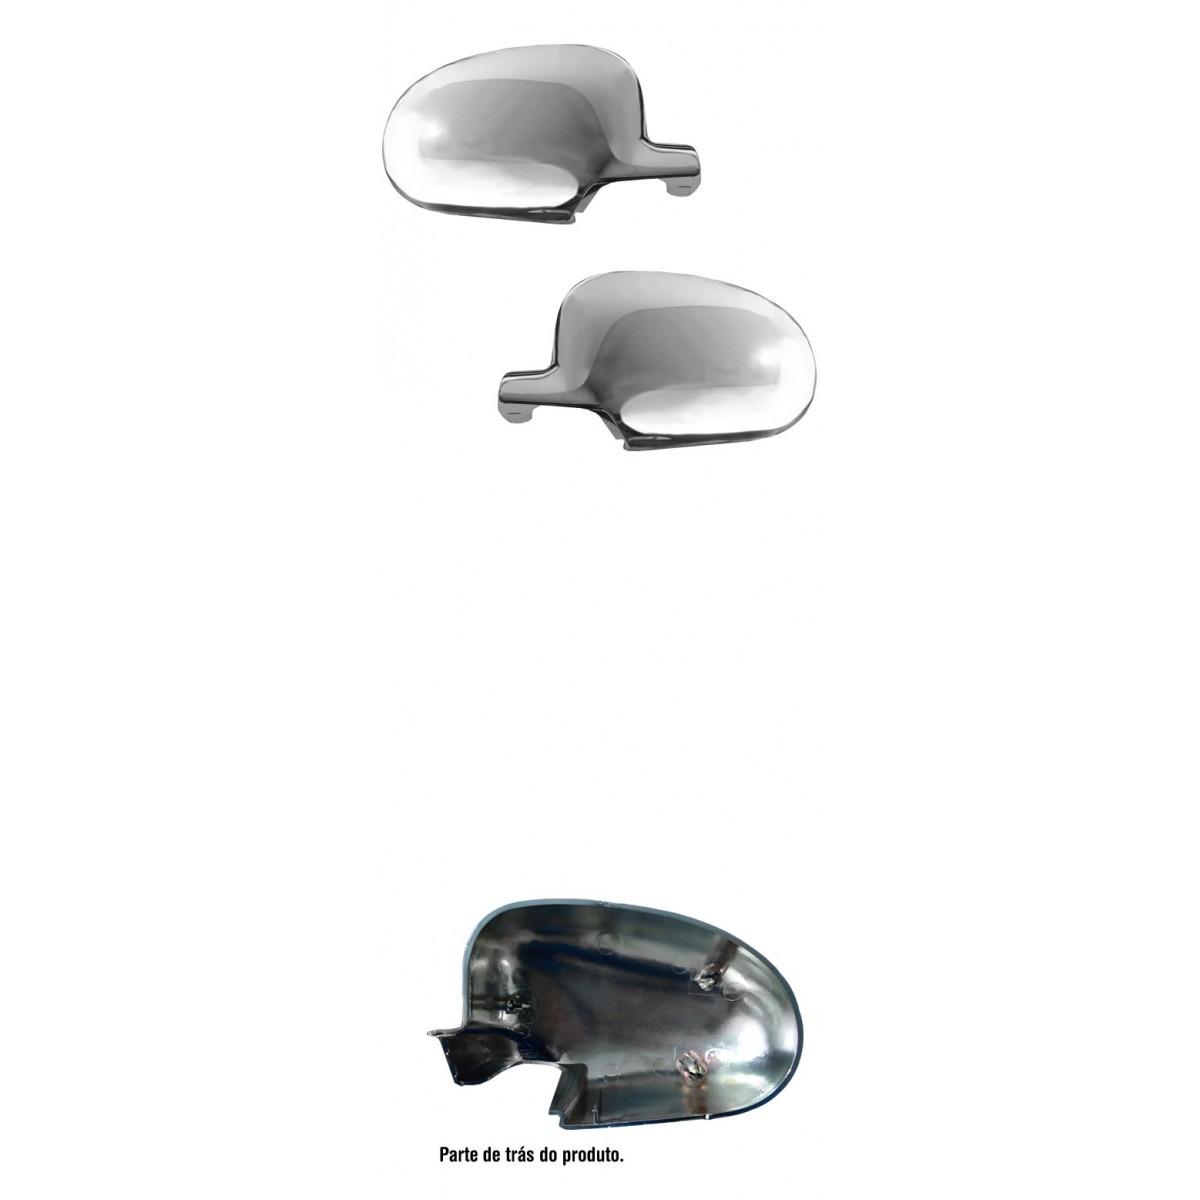 Par Aplique Capa Retrovisor Gol Parati Saveiro GII G2 Bola Cromado  - Amd Auto Peças